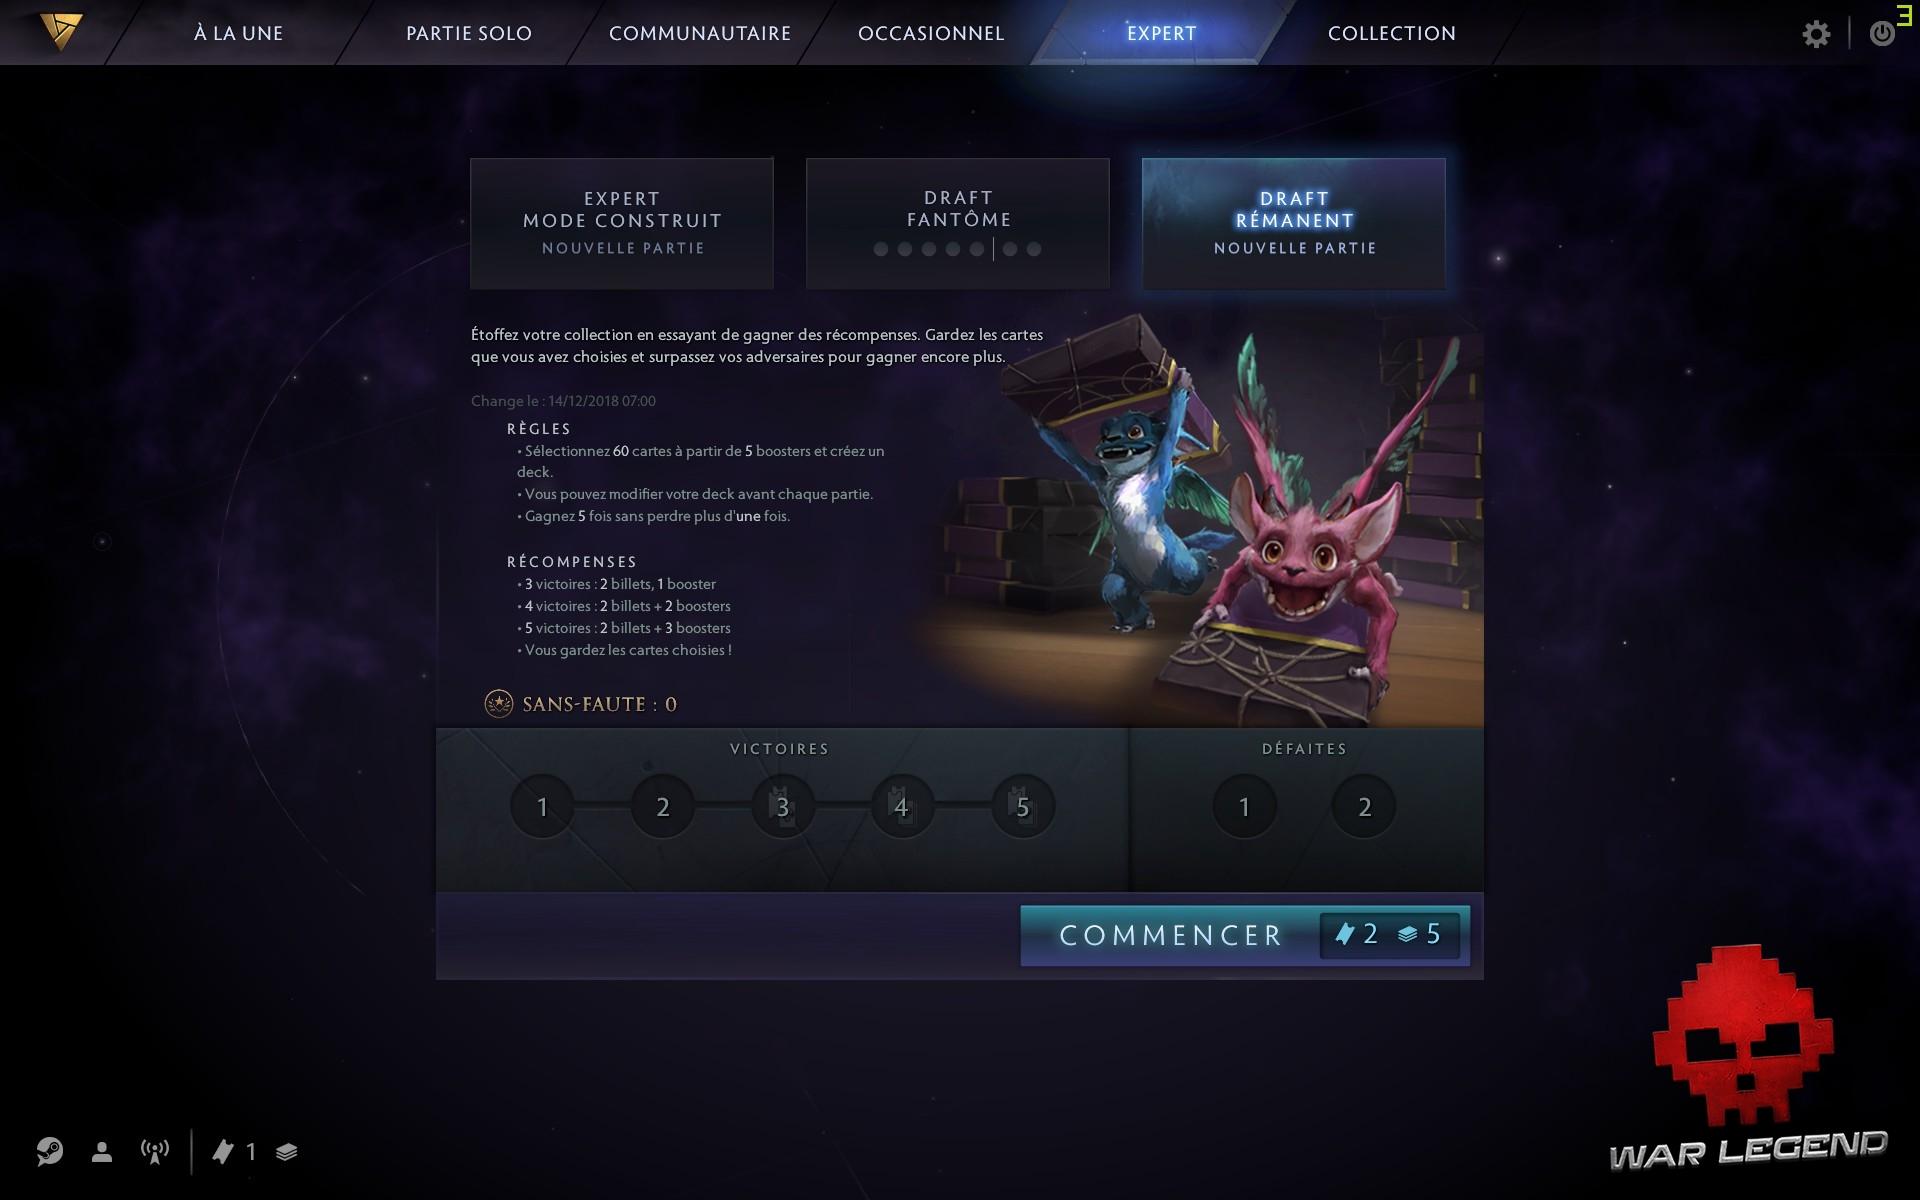 test Artifact écran de sélection des modes événements de draft